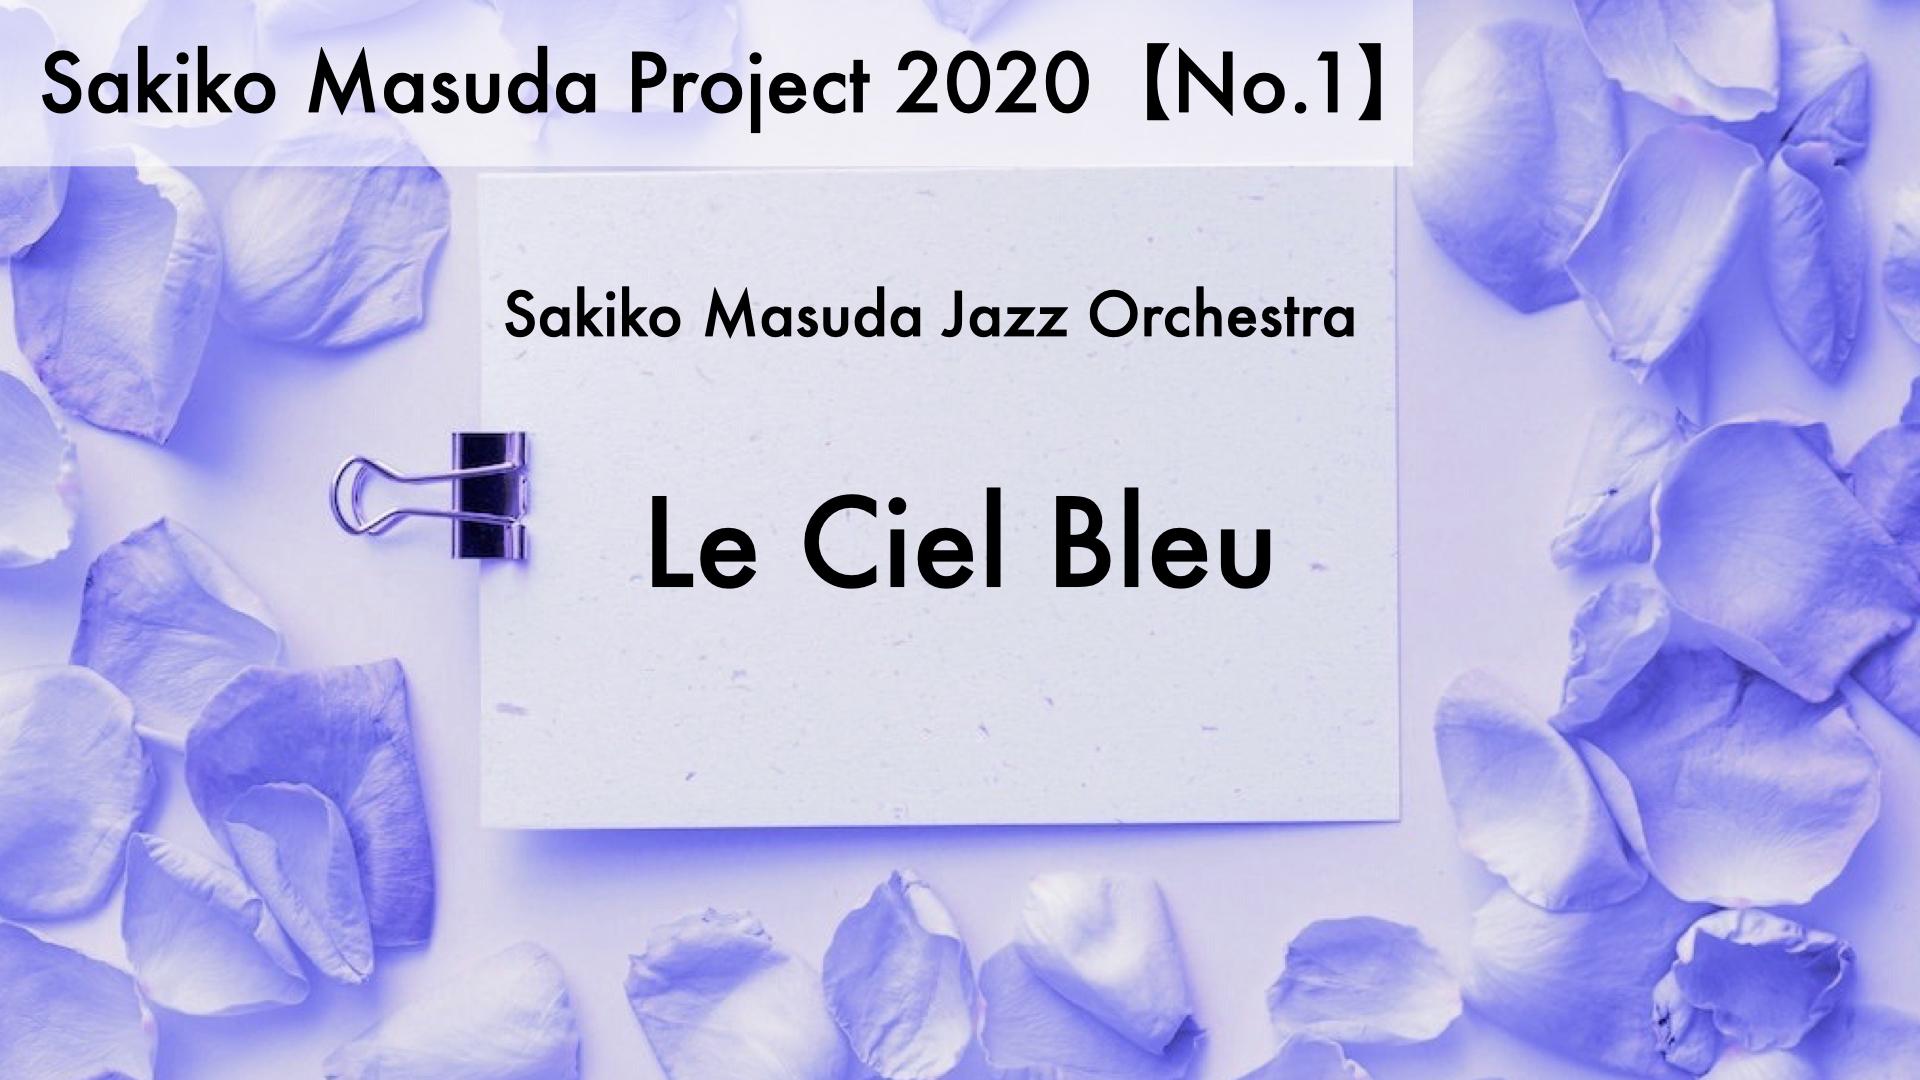 Le Ciel Bleu【No.1 Sakiko Masuda Project 2020】